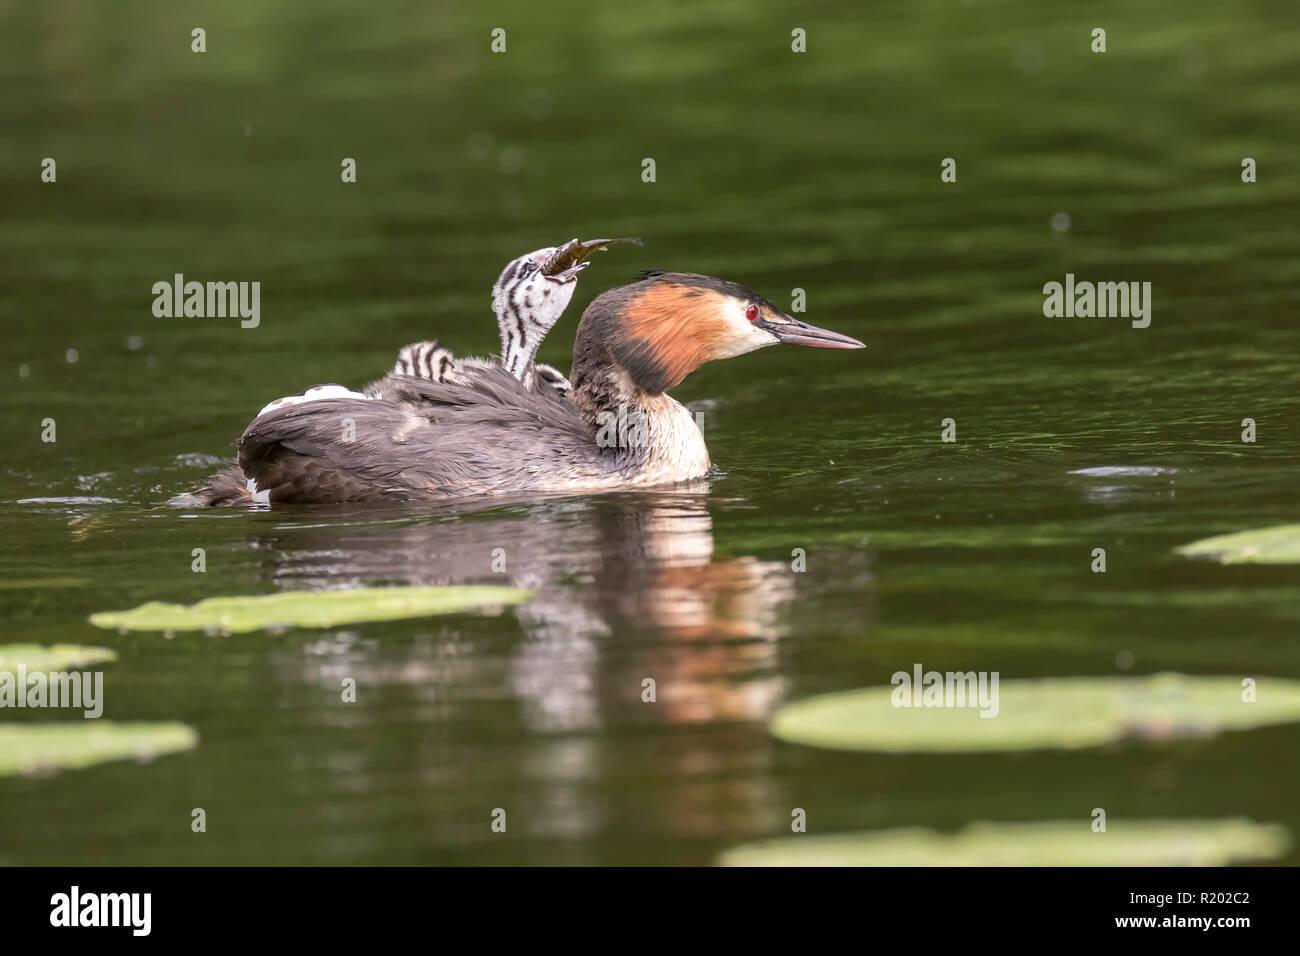 Grèbe huppé (Podiceps cristatus). Piscine pour adultes avec chick à l'arrière, qui est d'essayer de manger du poisson. L'Allemagne. Photo Stock